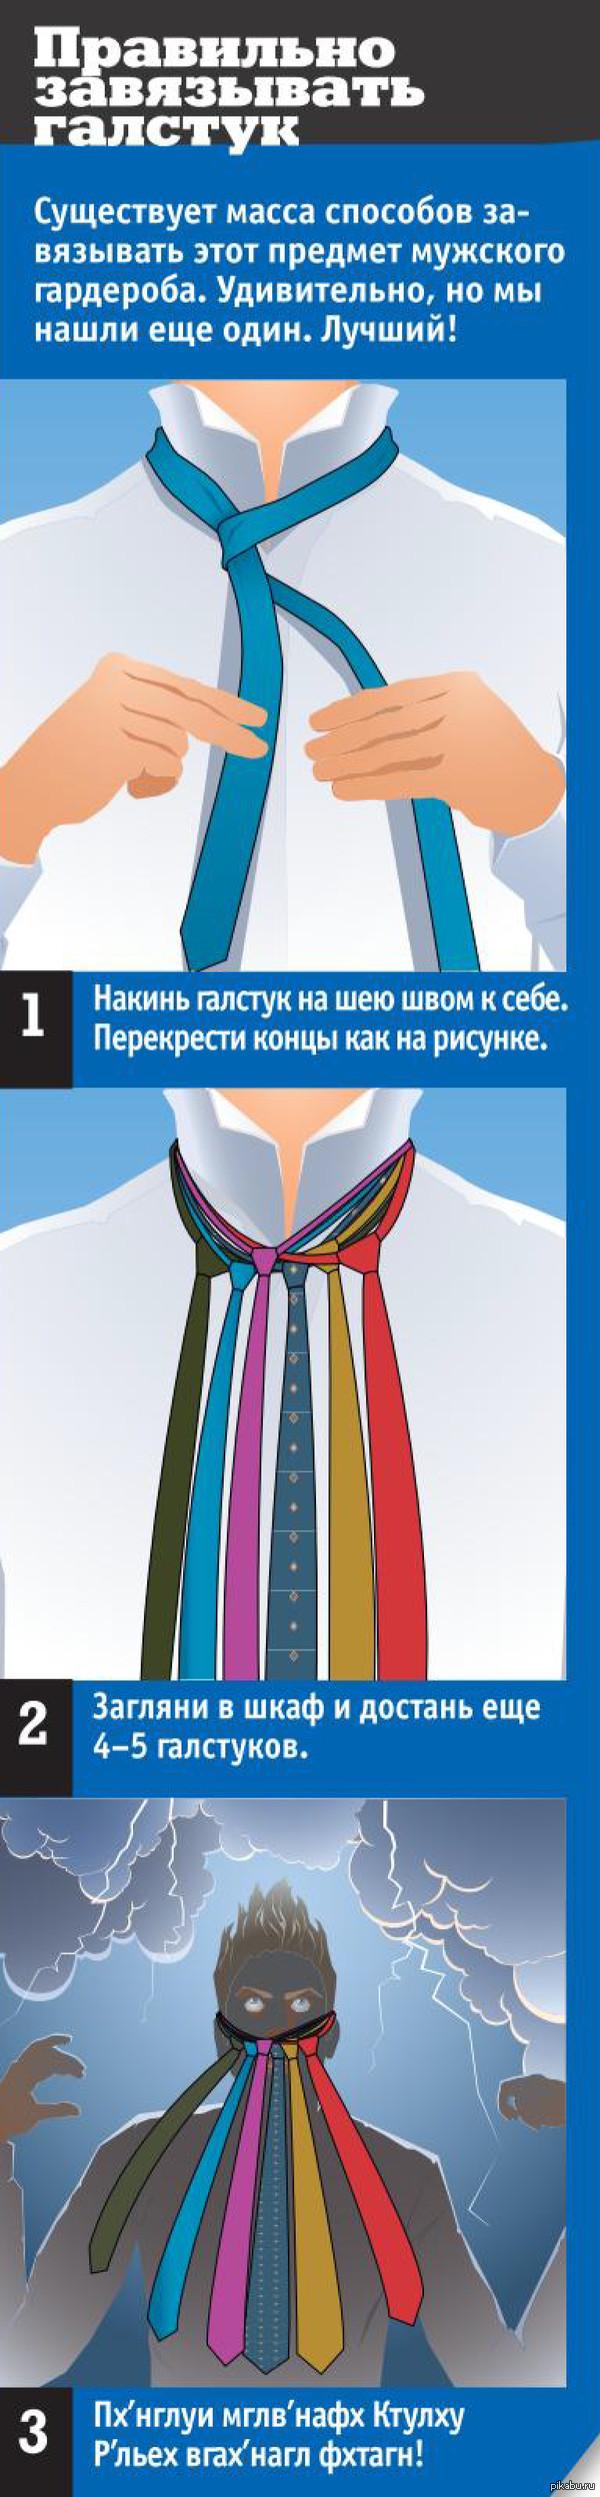 Правильное завязывание галстуков. © Максим